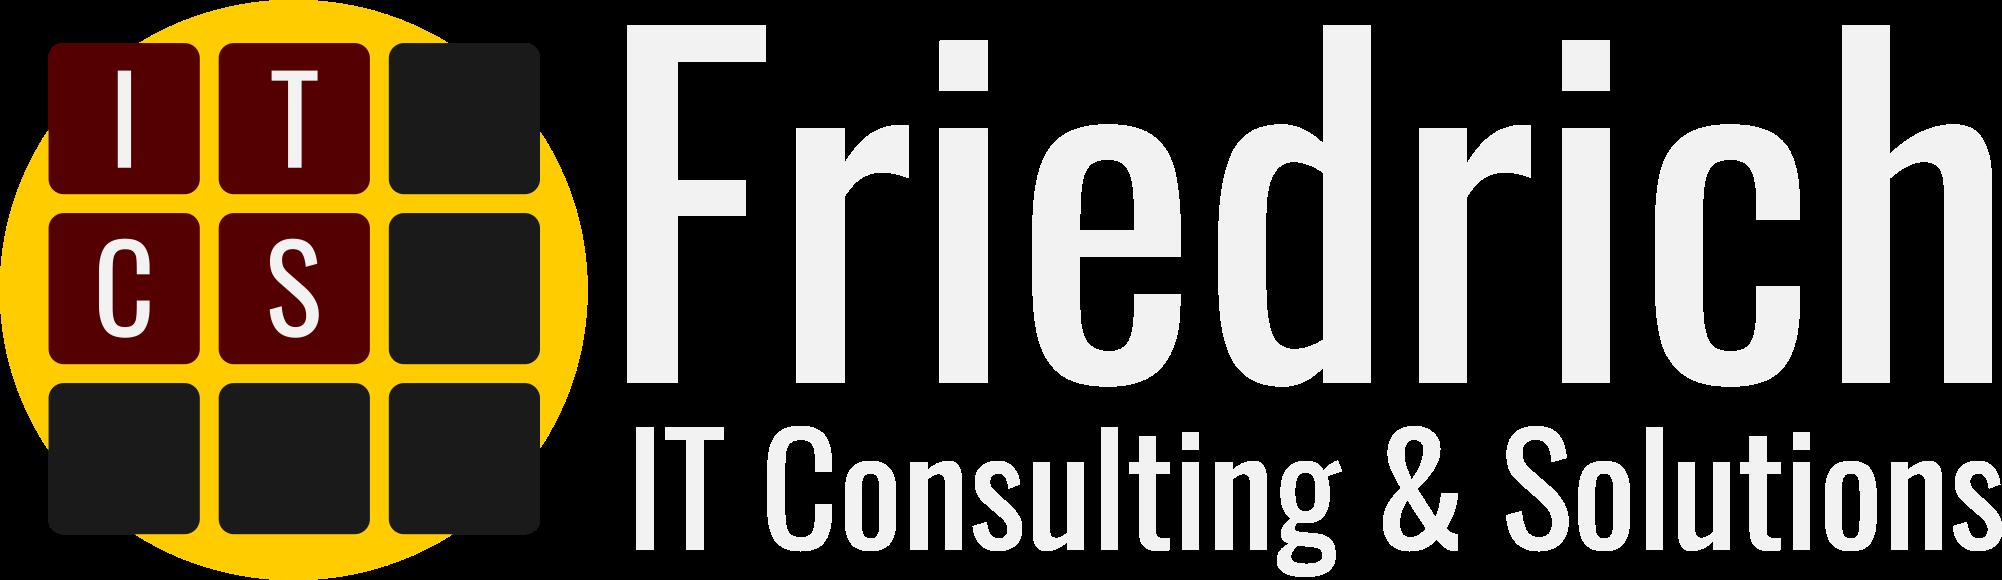 ITCS-Friedrich